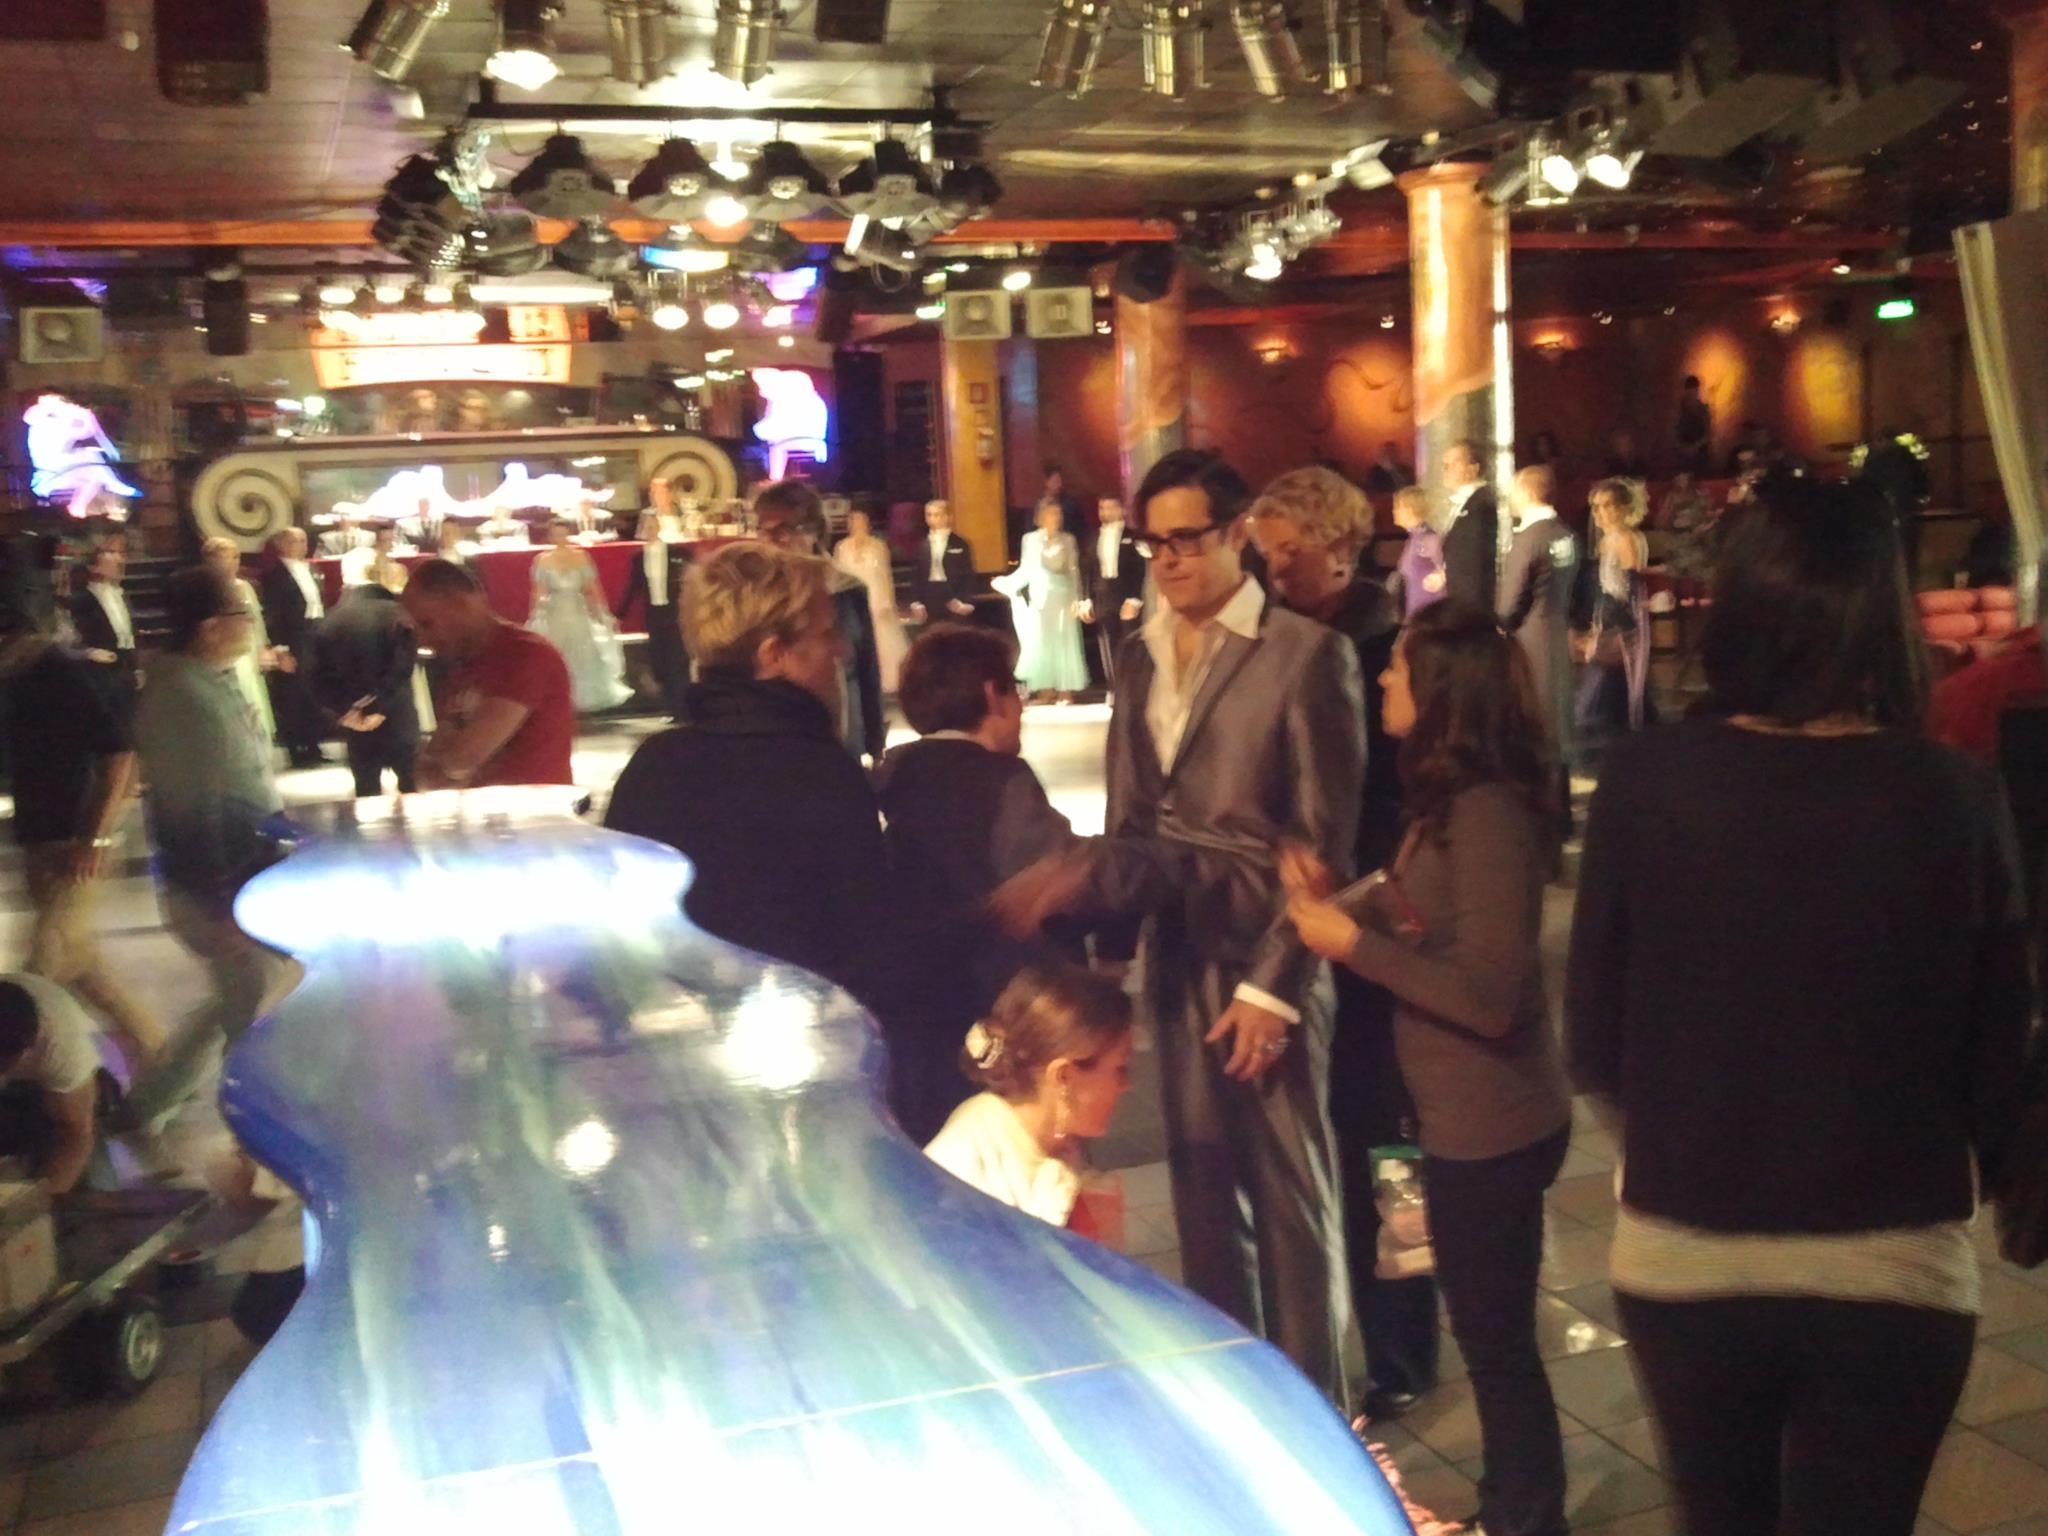 foto leggermente sfuocata dell' interno del locale con delle persone in piedi e un bancone di vetro